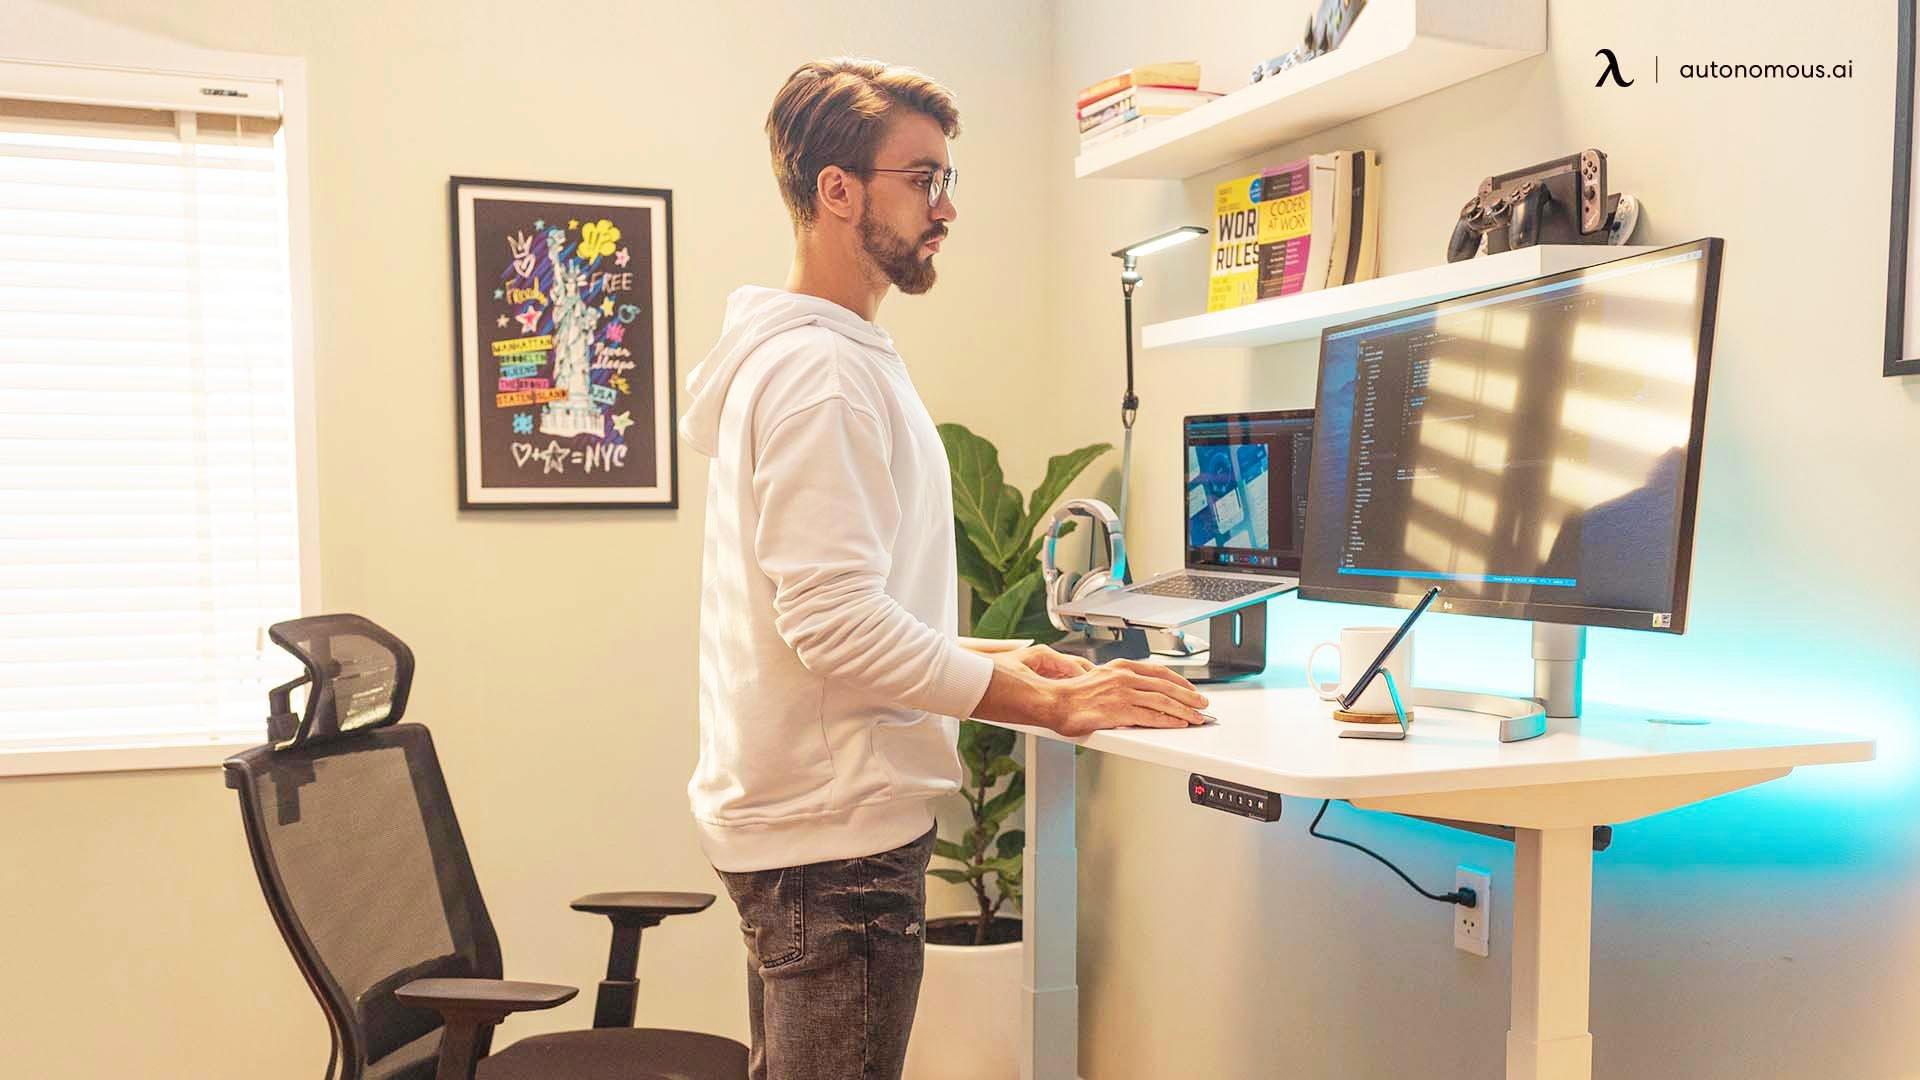 Right office desk